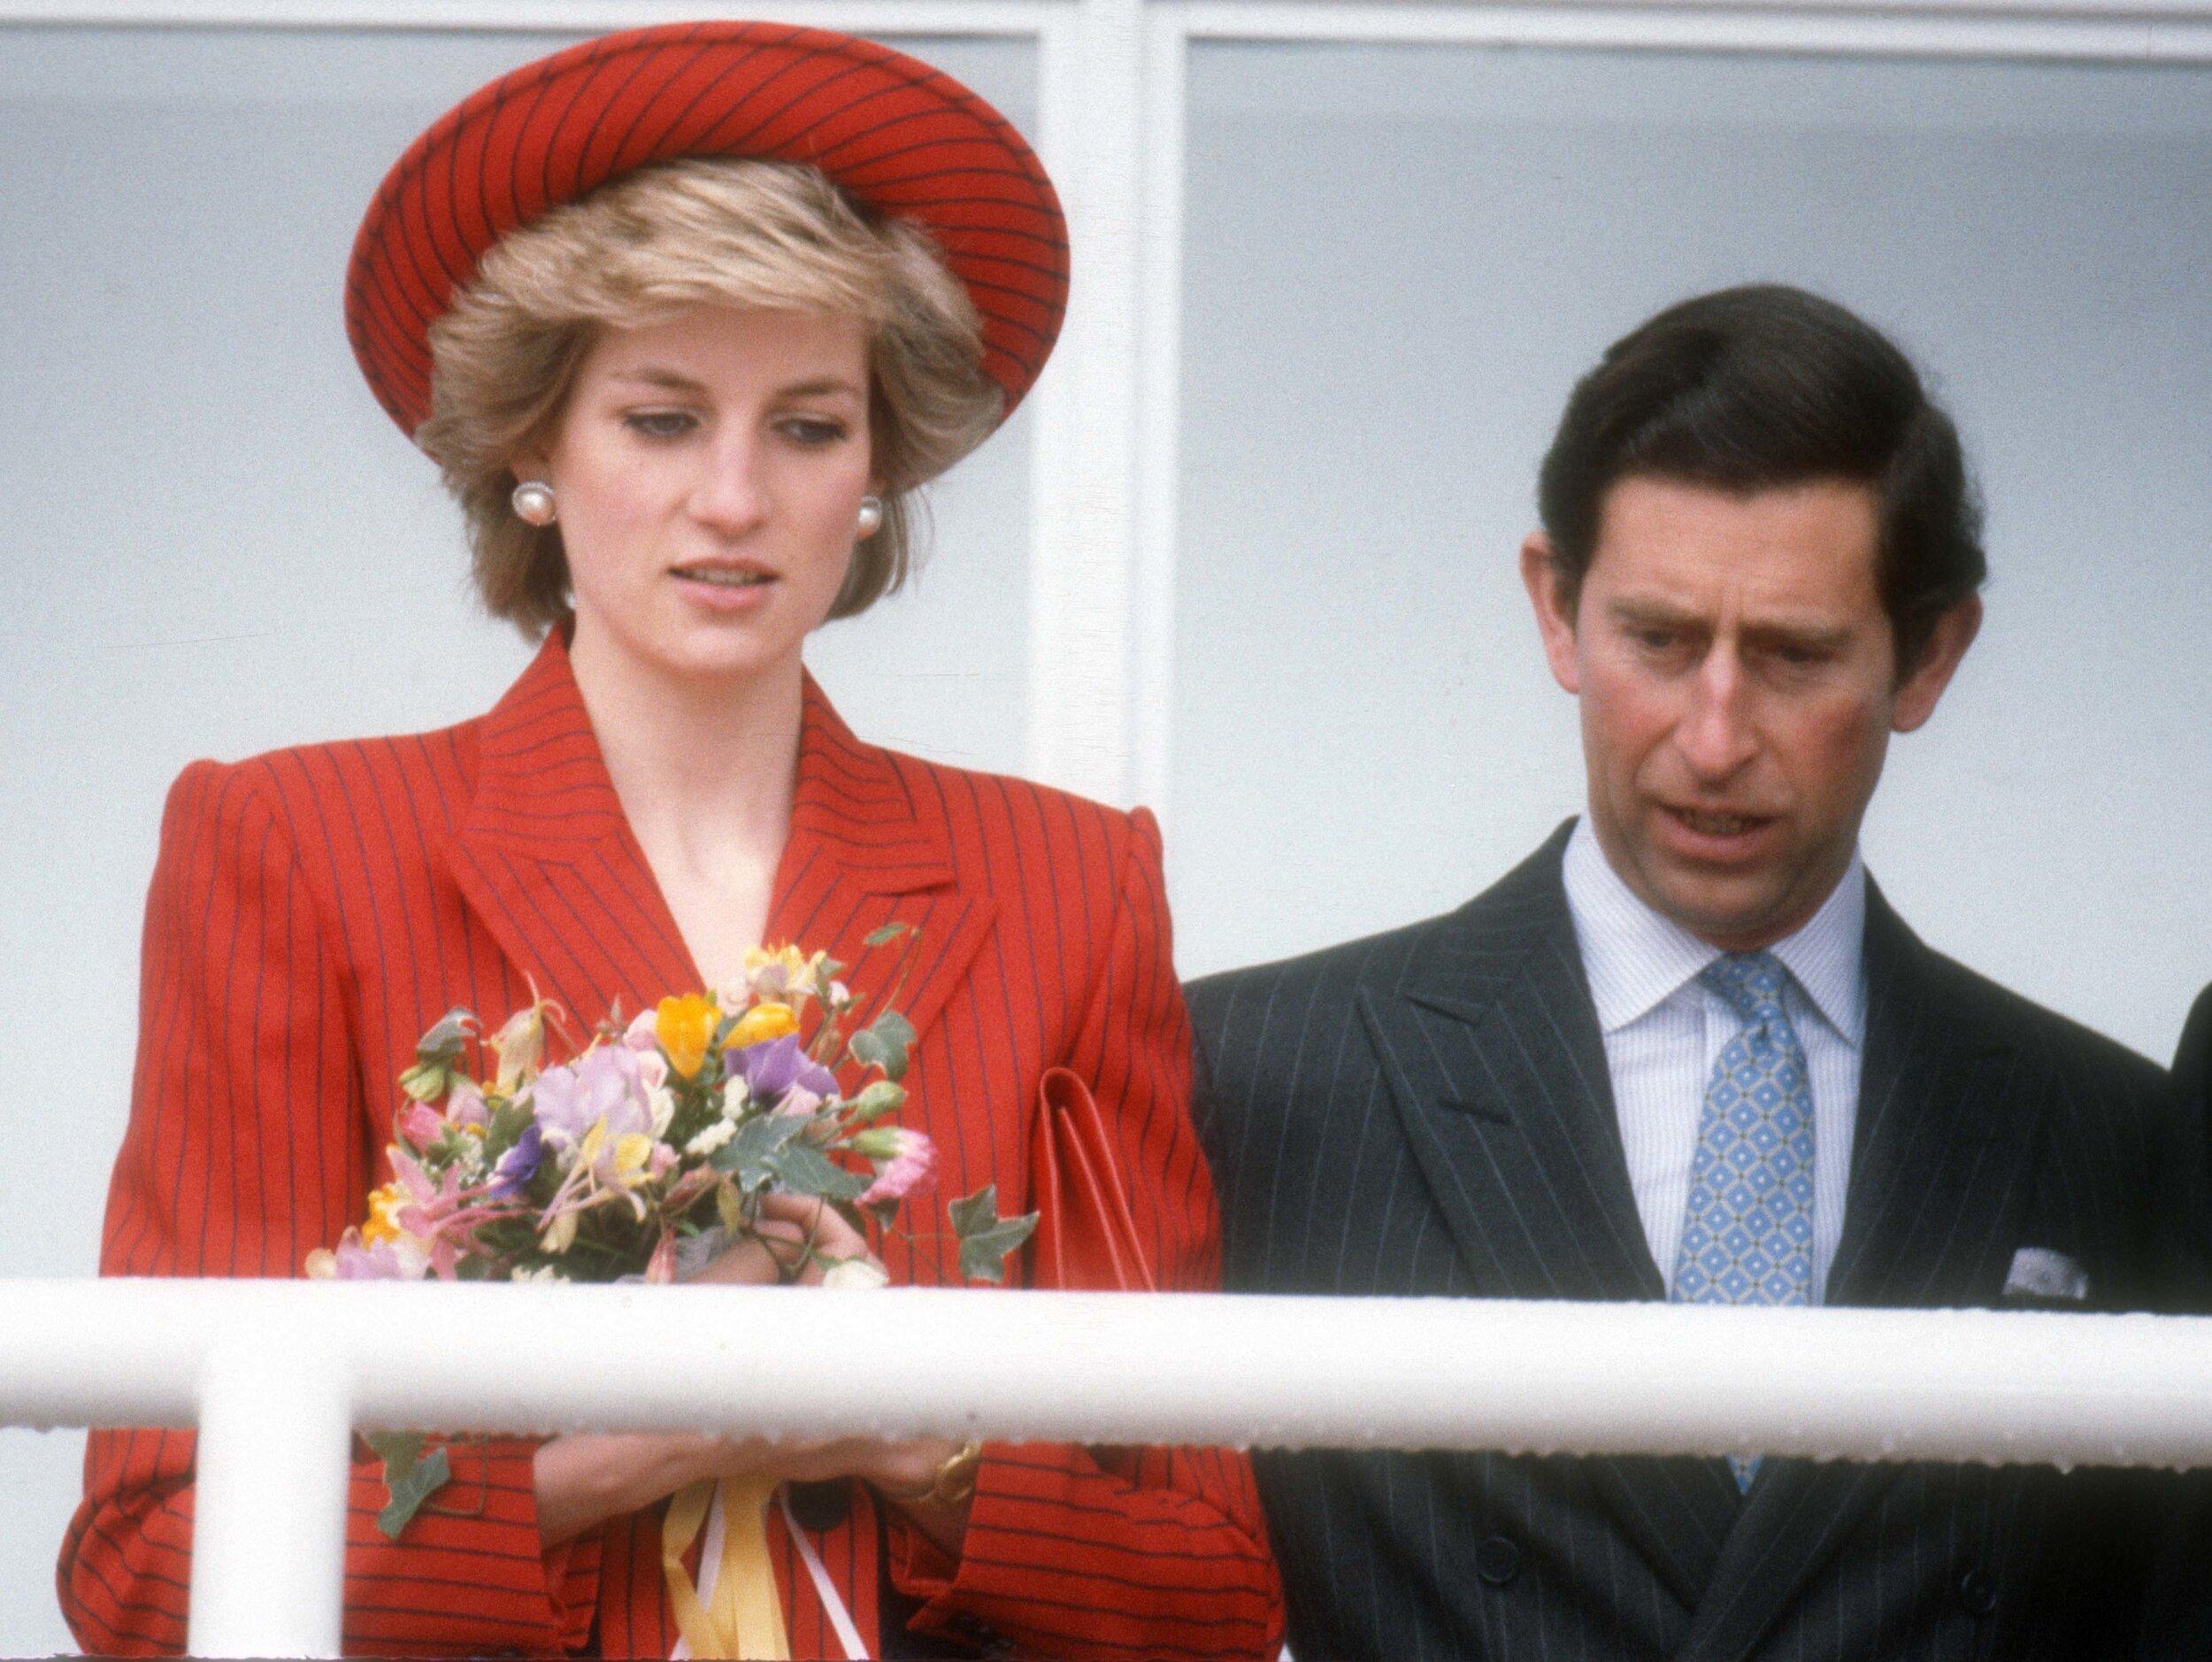 Prinzessin Diana und Prinz Charles fühlten sich in ihrer Privatsphäre verletzt und wehrten sich.  © picture alliance / newscom